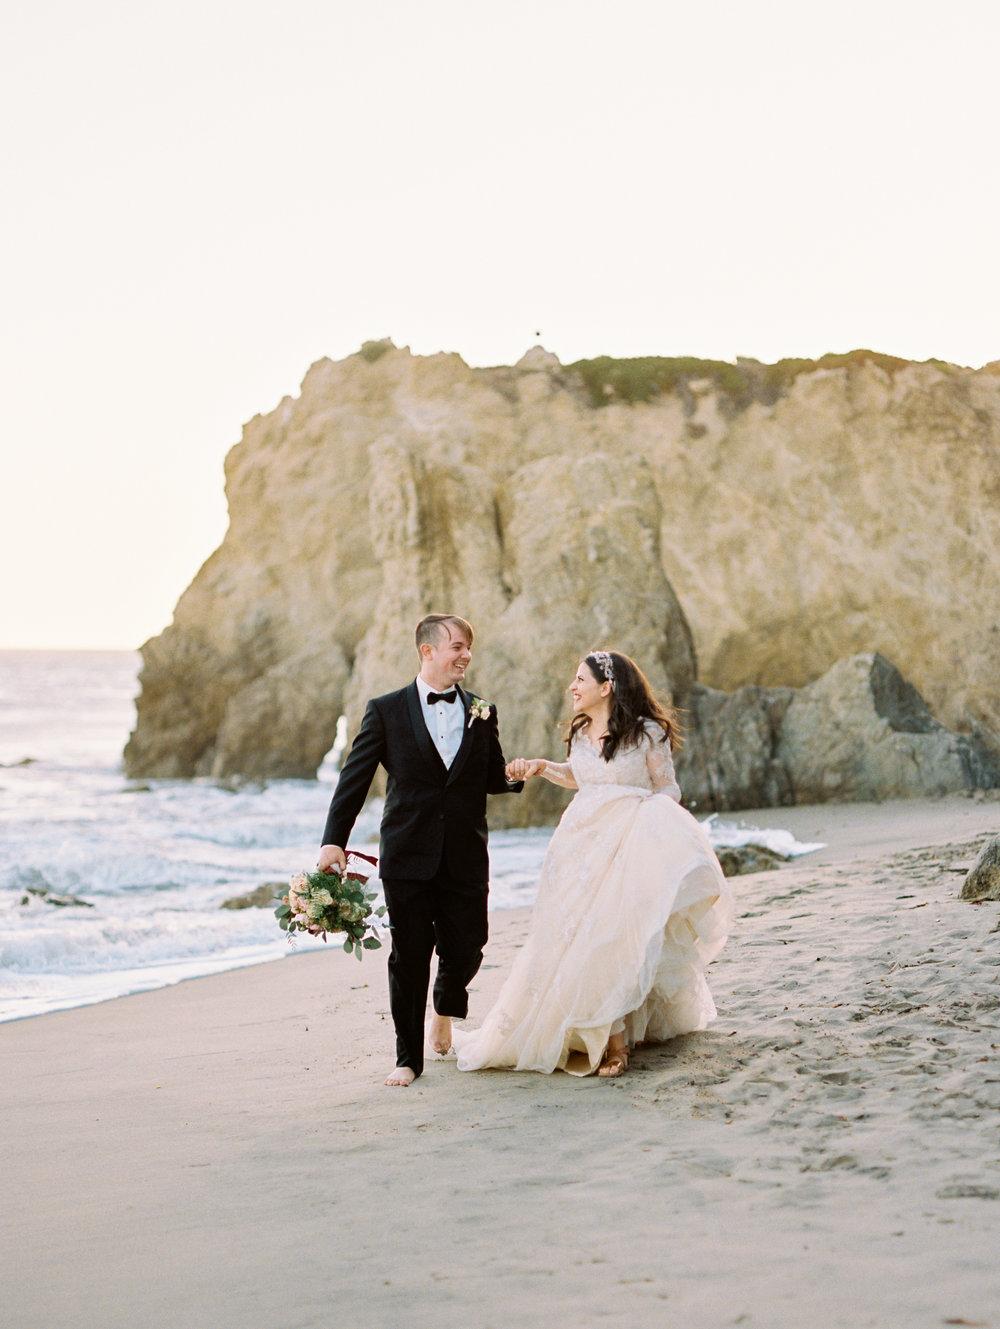 dennisroycoronel_orcutt_ranch_wedding_malibu_beach_el_matador-47.jpg